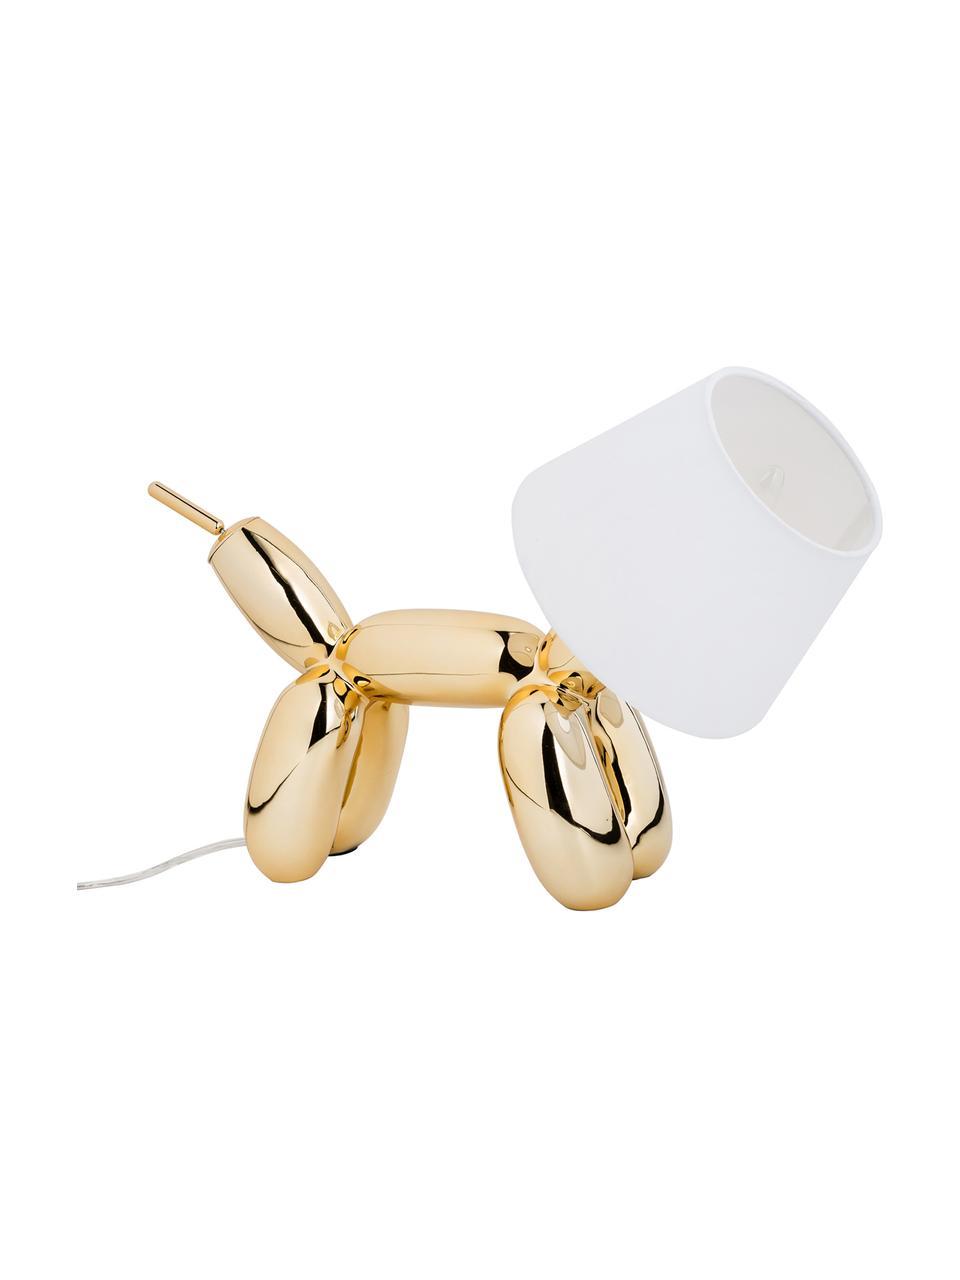 Lampada da tavolo di design Doggy, Struttura: resina sintetica, Dorato, bianco, Larg. 40 x Alt. 30 cm